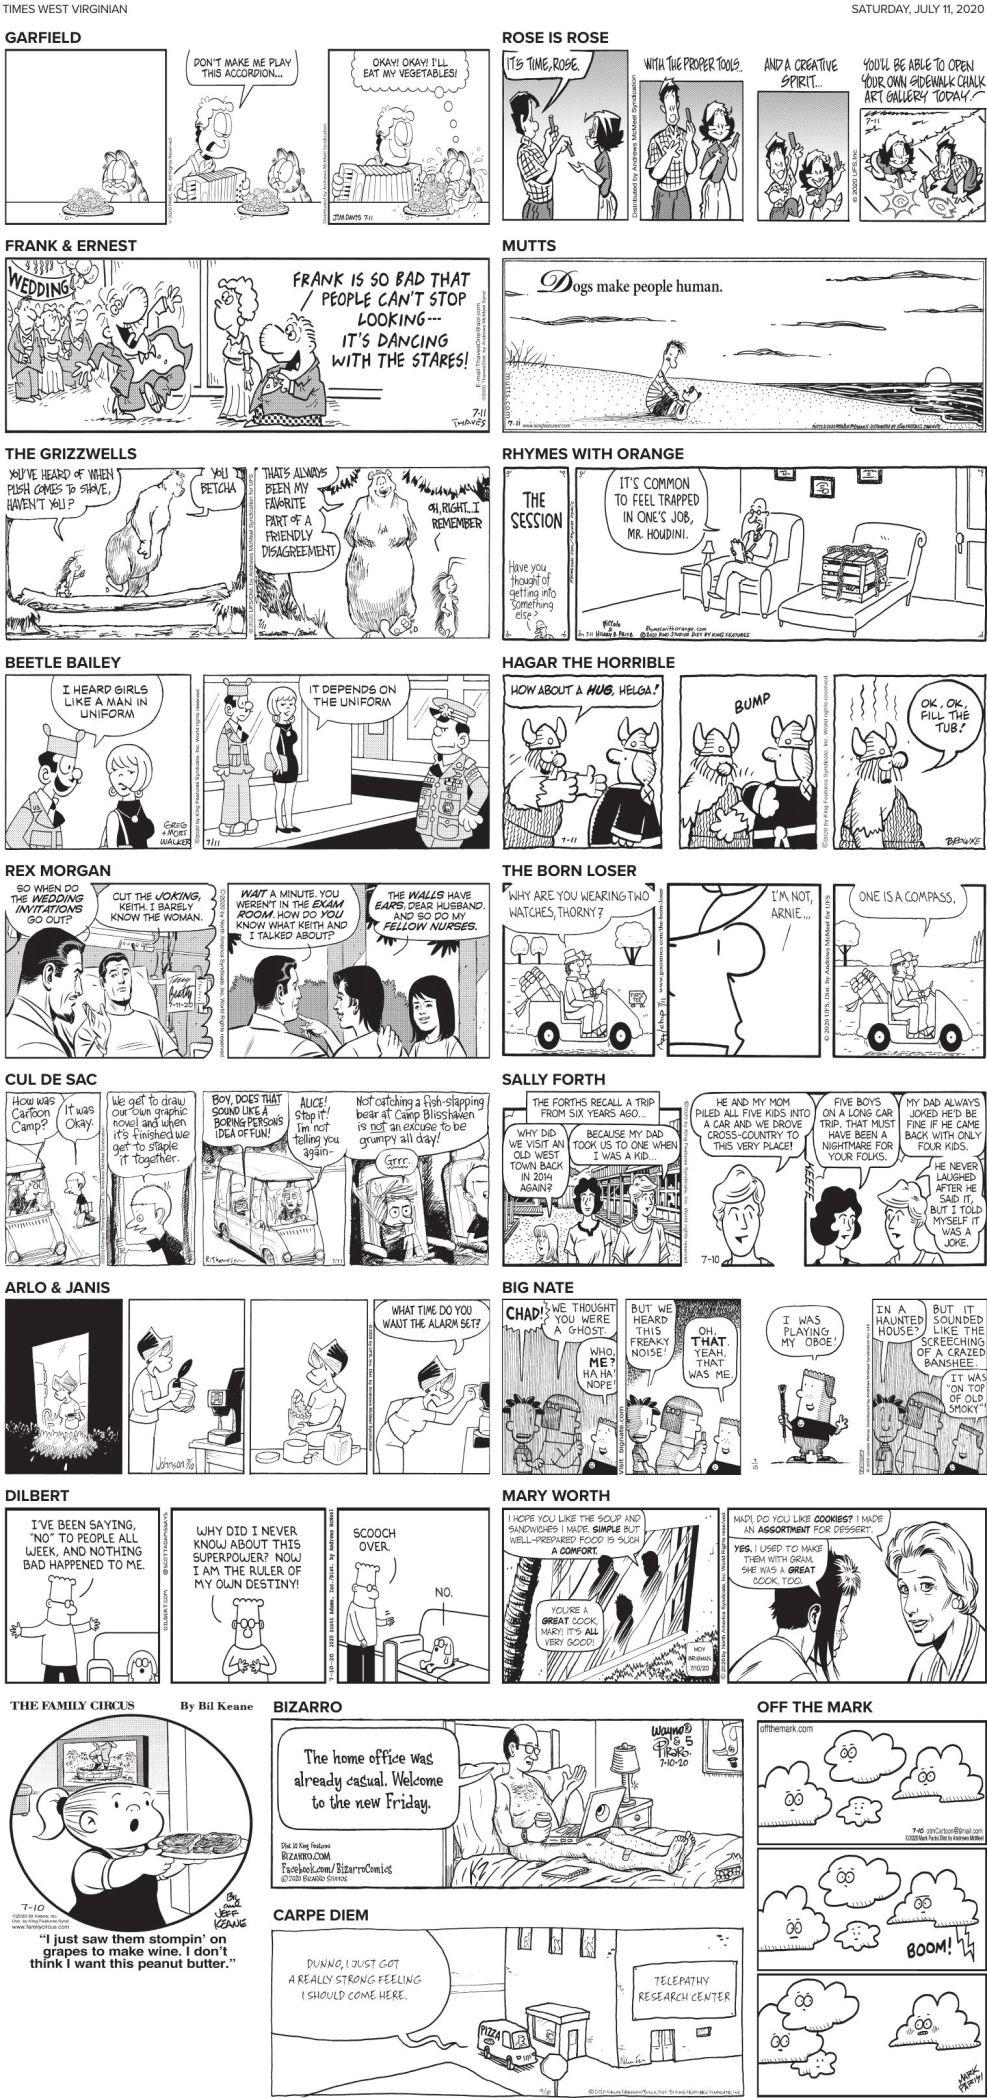 July 11 comics.pdf